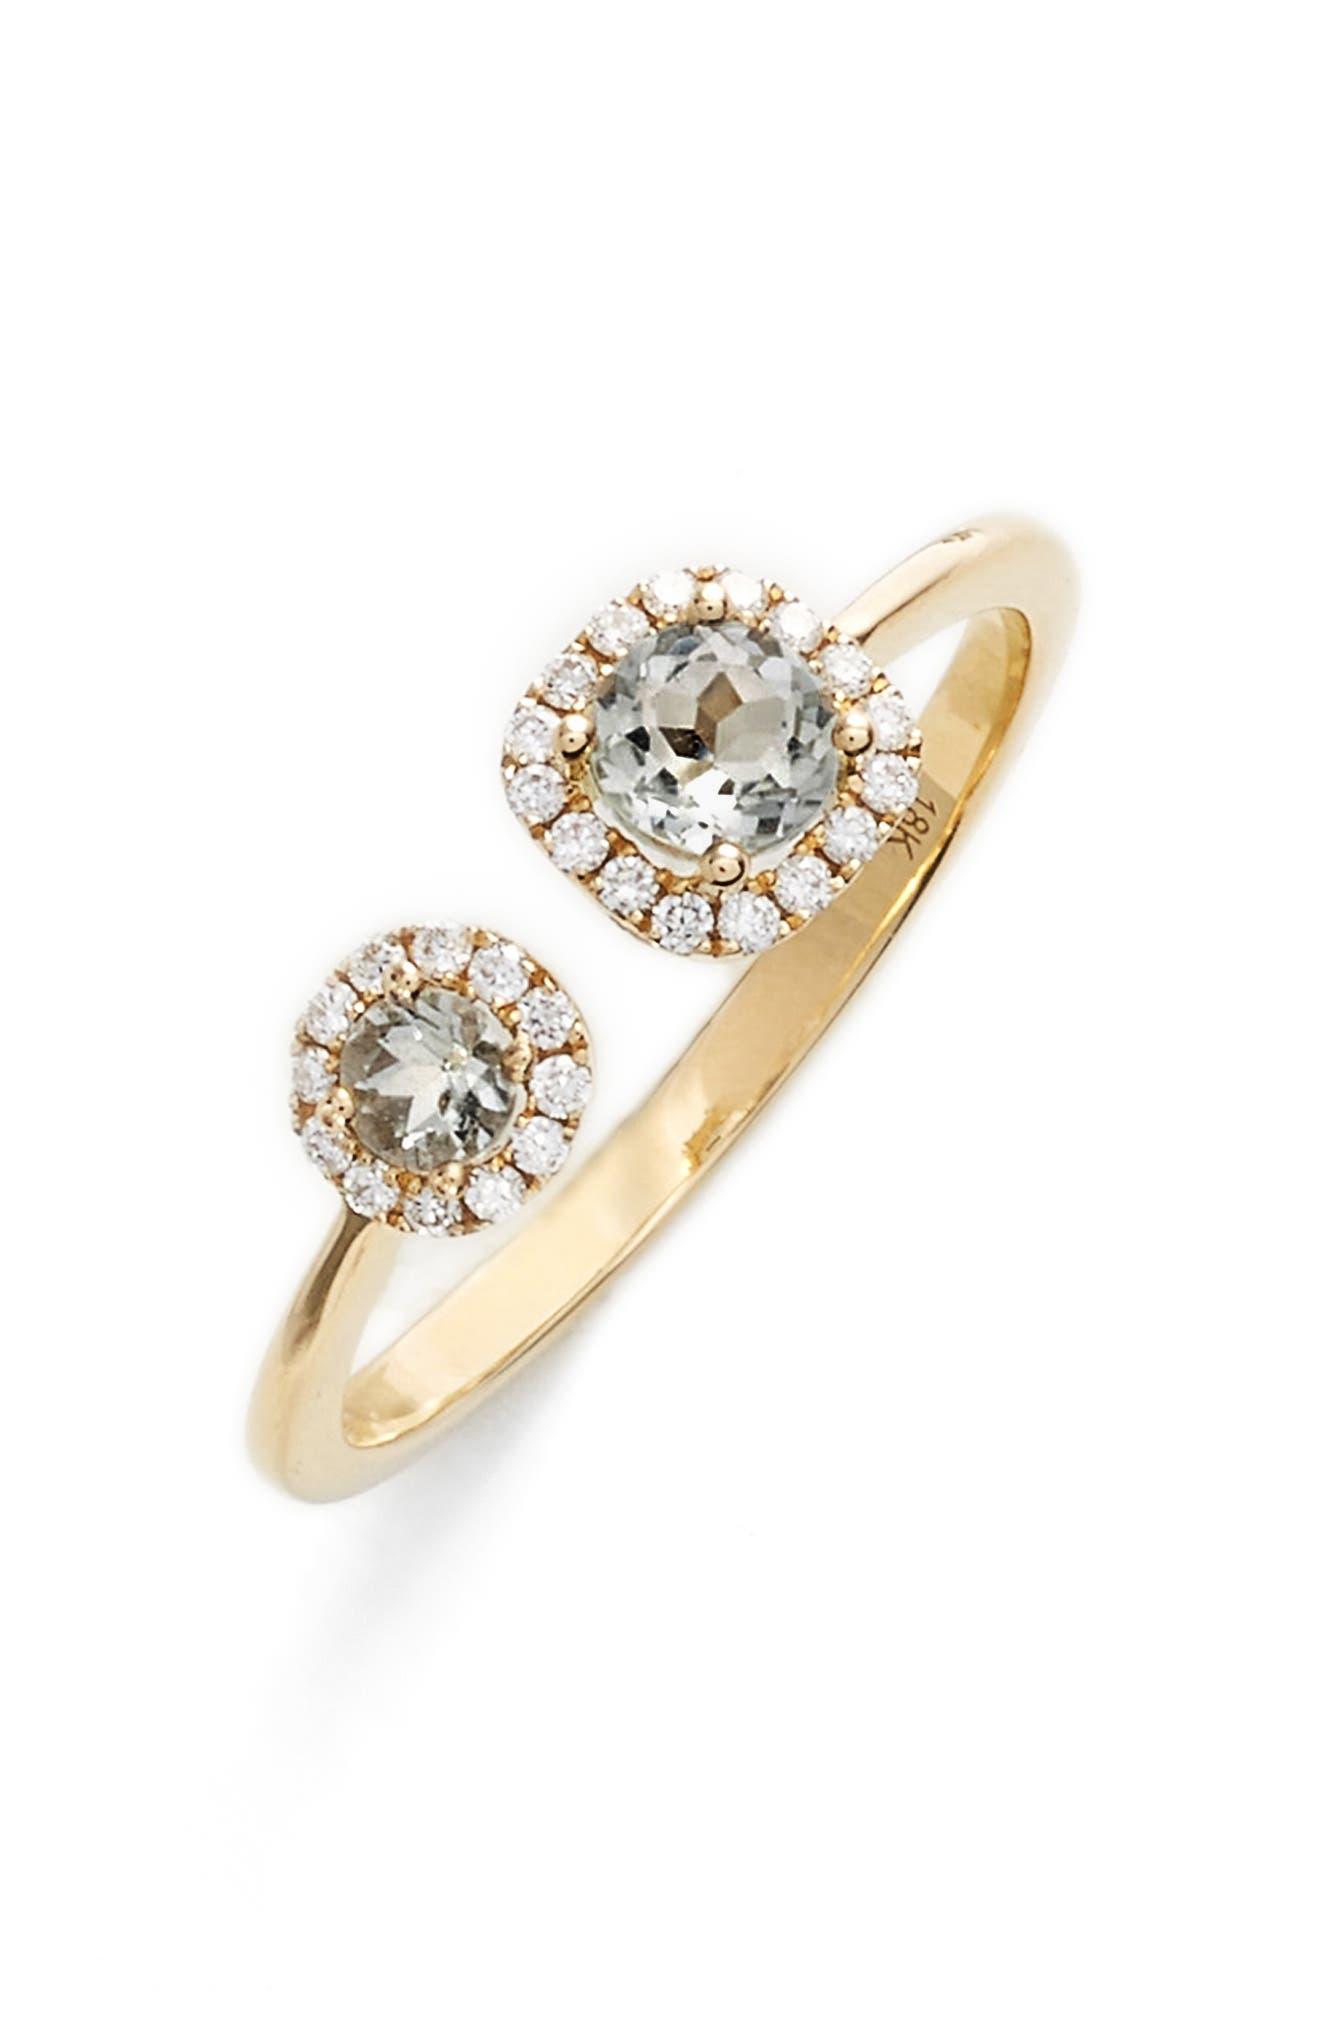 Iris Double Semiprecious Stone & Diamond Ring,                             Main thumbnail 1, color,                             YELLOW GOLD/ PRASIOLITE